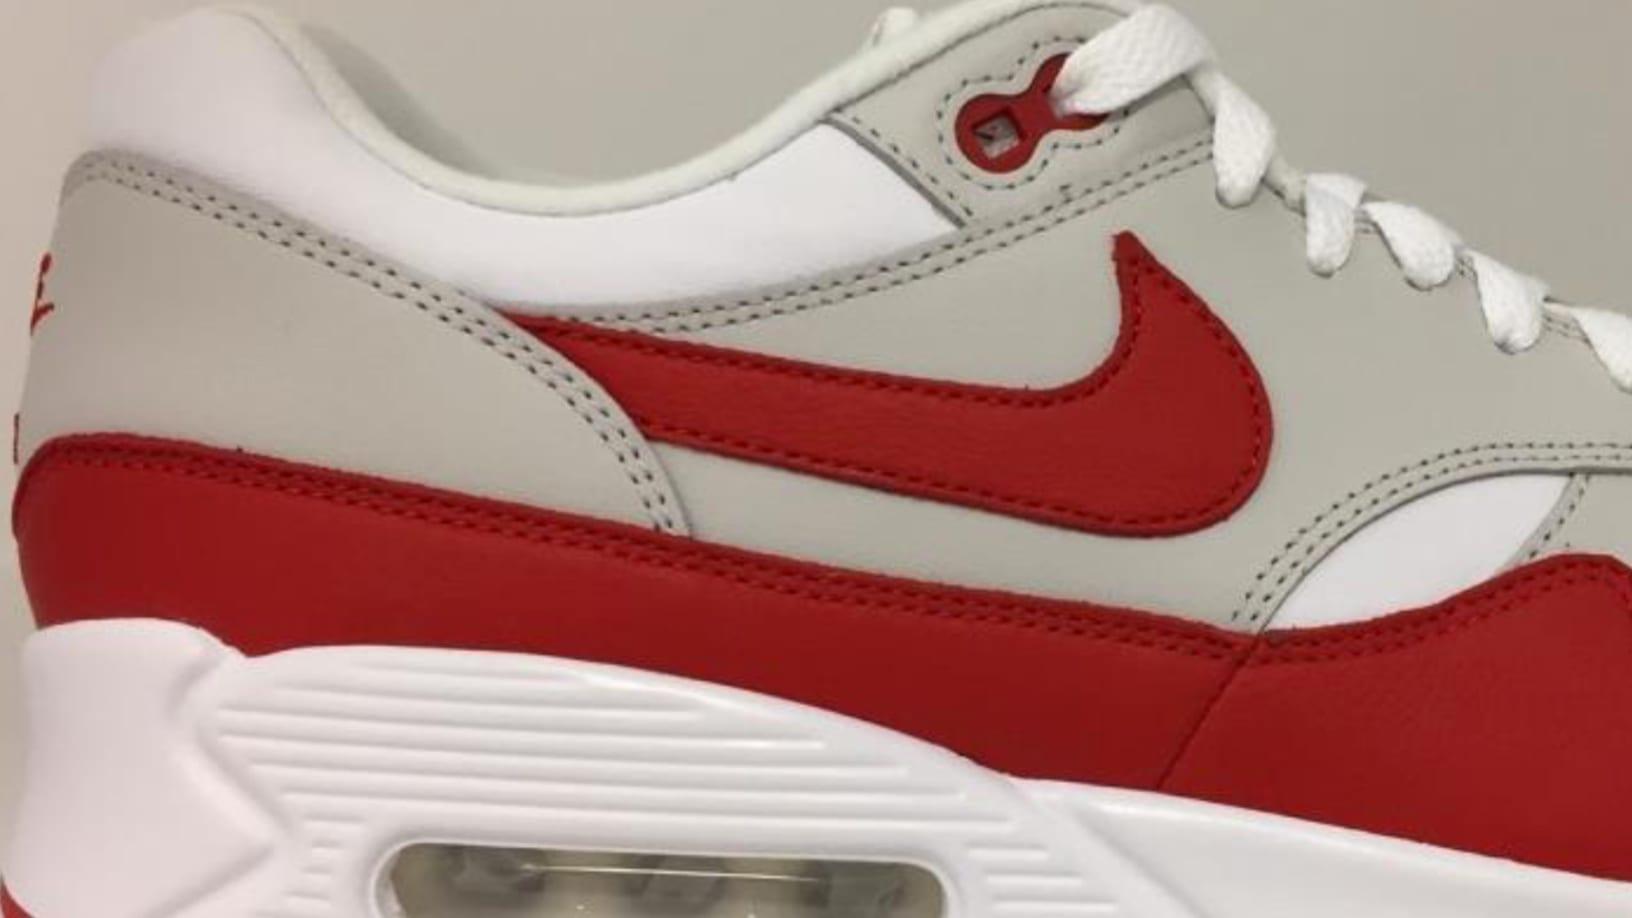 Nike Air Max 1 Premium Team RedAtomic Red | Juan The Blogger